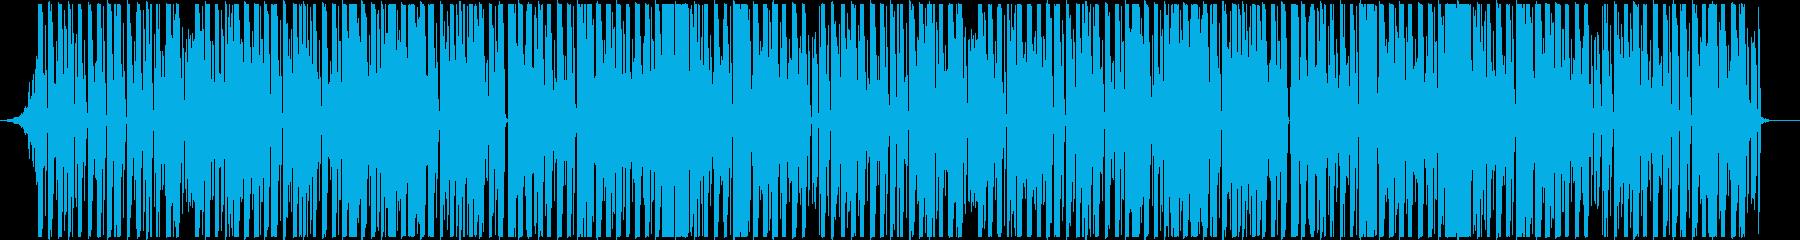 無機質なビートと物憂げなボーカル、クールの再生済みの波形